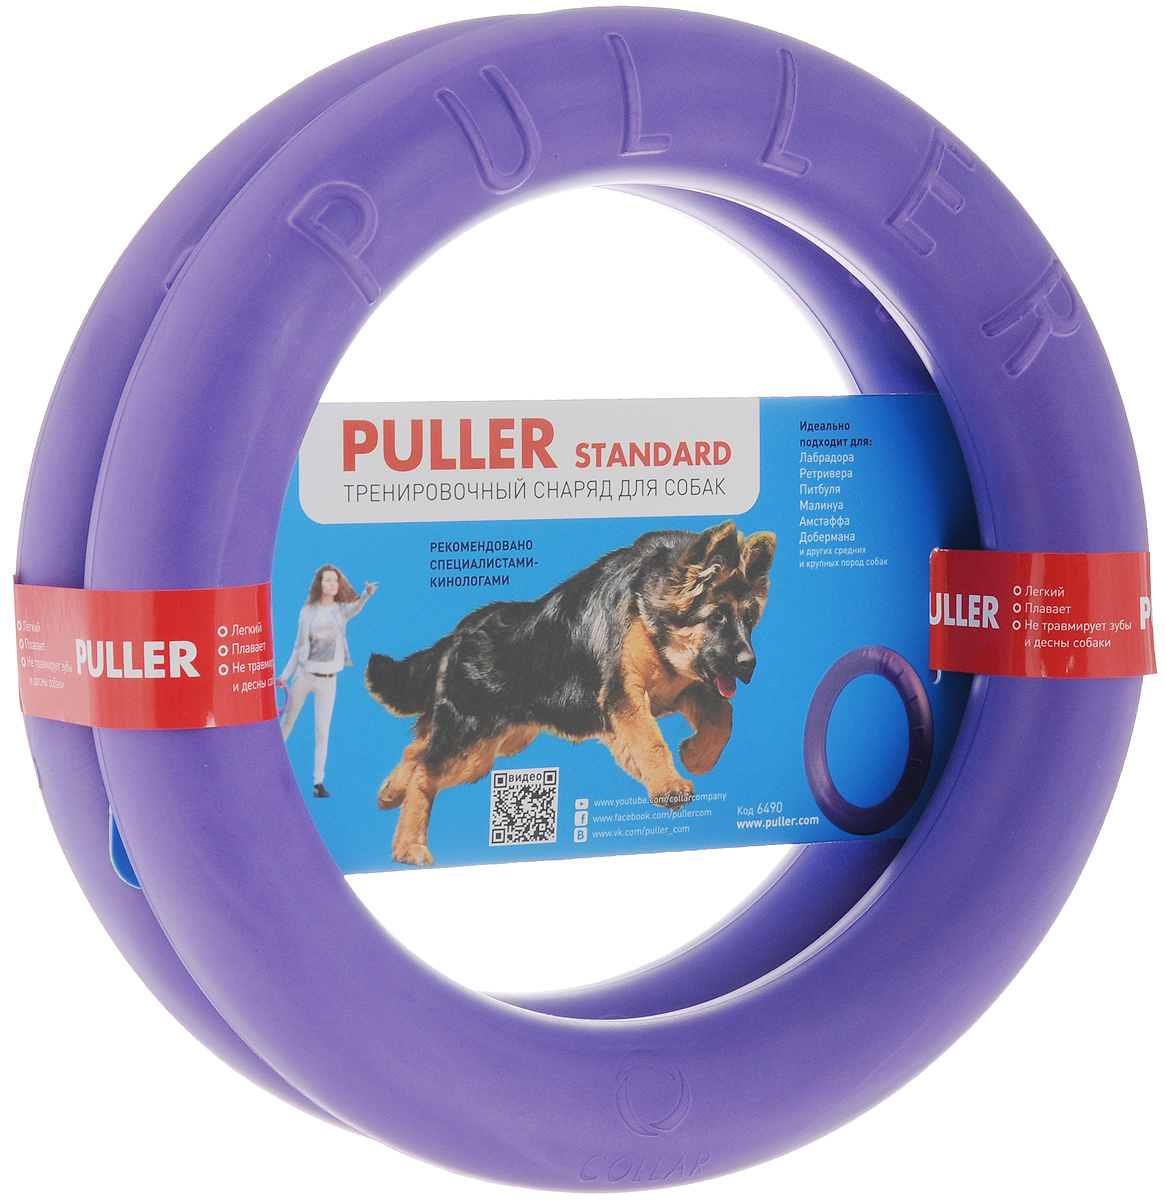 Снаряд тренировочный Puller Standard, цвет: фиолетовый, диаметр 27 см6490Тренировочный снаряд Puller Standard предназначен для мелких и декоративных пород собак. Puller Standard укрепляет здоровье собаки и делает ее более послушной.Puller (Пуллер) - тренировочный снаряд для собак, состоящий из двух колец. Его задача - дать собаке необходимую физическую нагрузку, не увеличивая время выгула, а улучшая качество самой прогулки. Три простых упражнения с пуллером в течение всего 20 минут дадут нагрузкусобаке равную 5 км бега. А это поможет решить такие частые проблемы как непослушание, порча предметов интерьера, излишняя агрессия, ожирение у собаки, болезни опорно-двигательного аппарата.Подходит для таких пород собак как:- лабрадор,- ретривер,- питбуль,- малинуа,- амстафф,- доберман.ПРЕИМУЩЕСТВА.Легкий.Позволяет владельцу тренировать собаку продолжительное время.Плавает.Благодаря уникальному материалу снаряд держится на воде, хорошо виден собаке и хозяину.Без запаха.Puller Standard не оставляет специфический запах на руках.Не травмирует.Собака не ранит зубы и дёсны при работе со снарядом.Диаметр: 27 см.